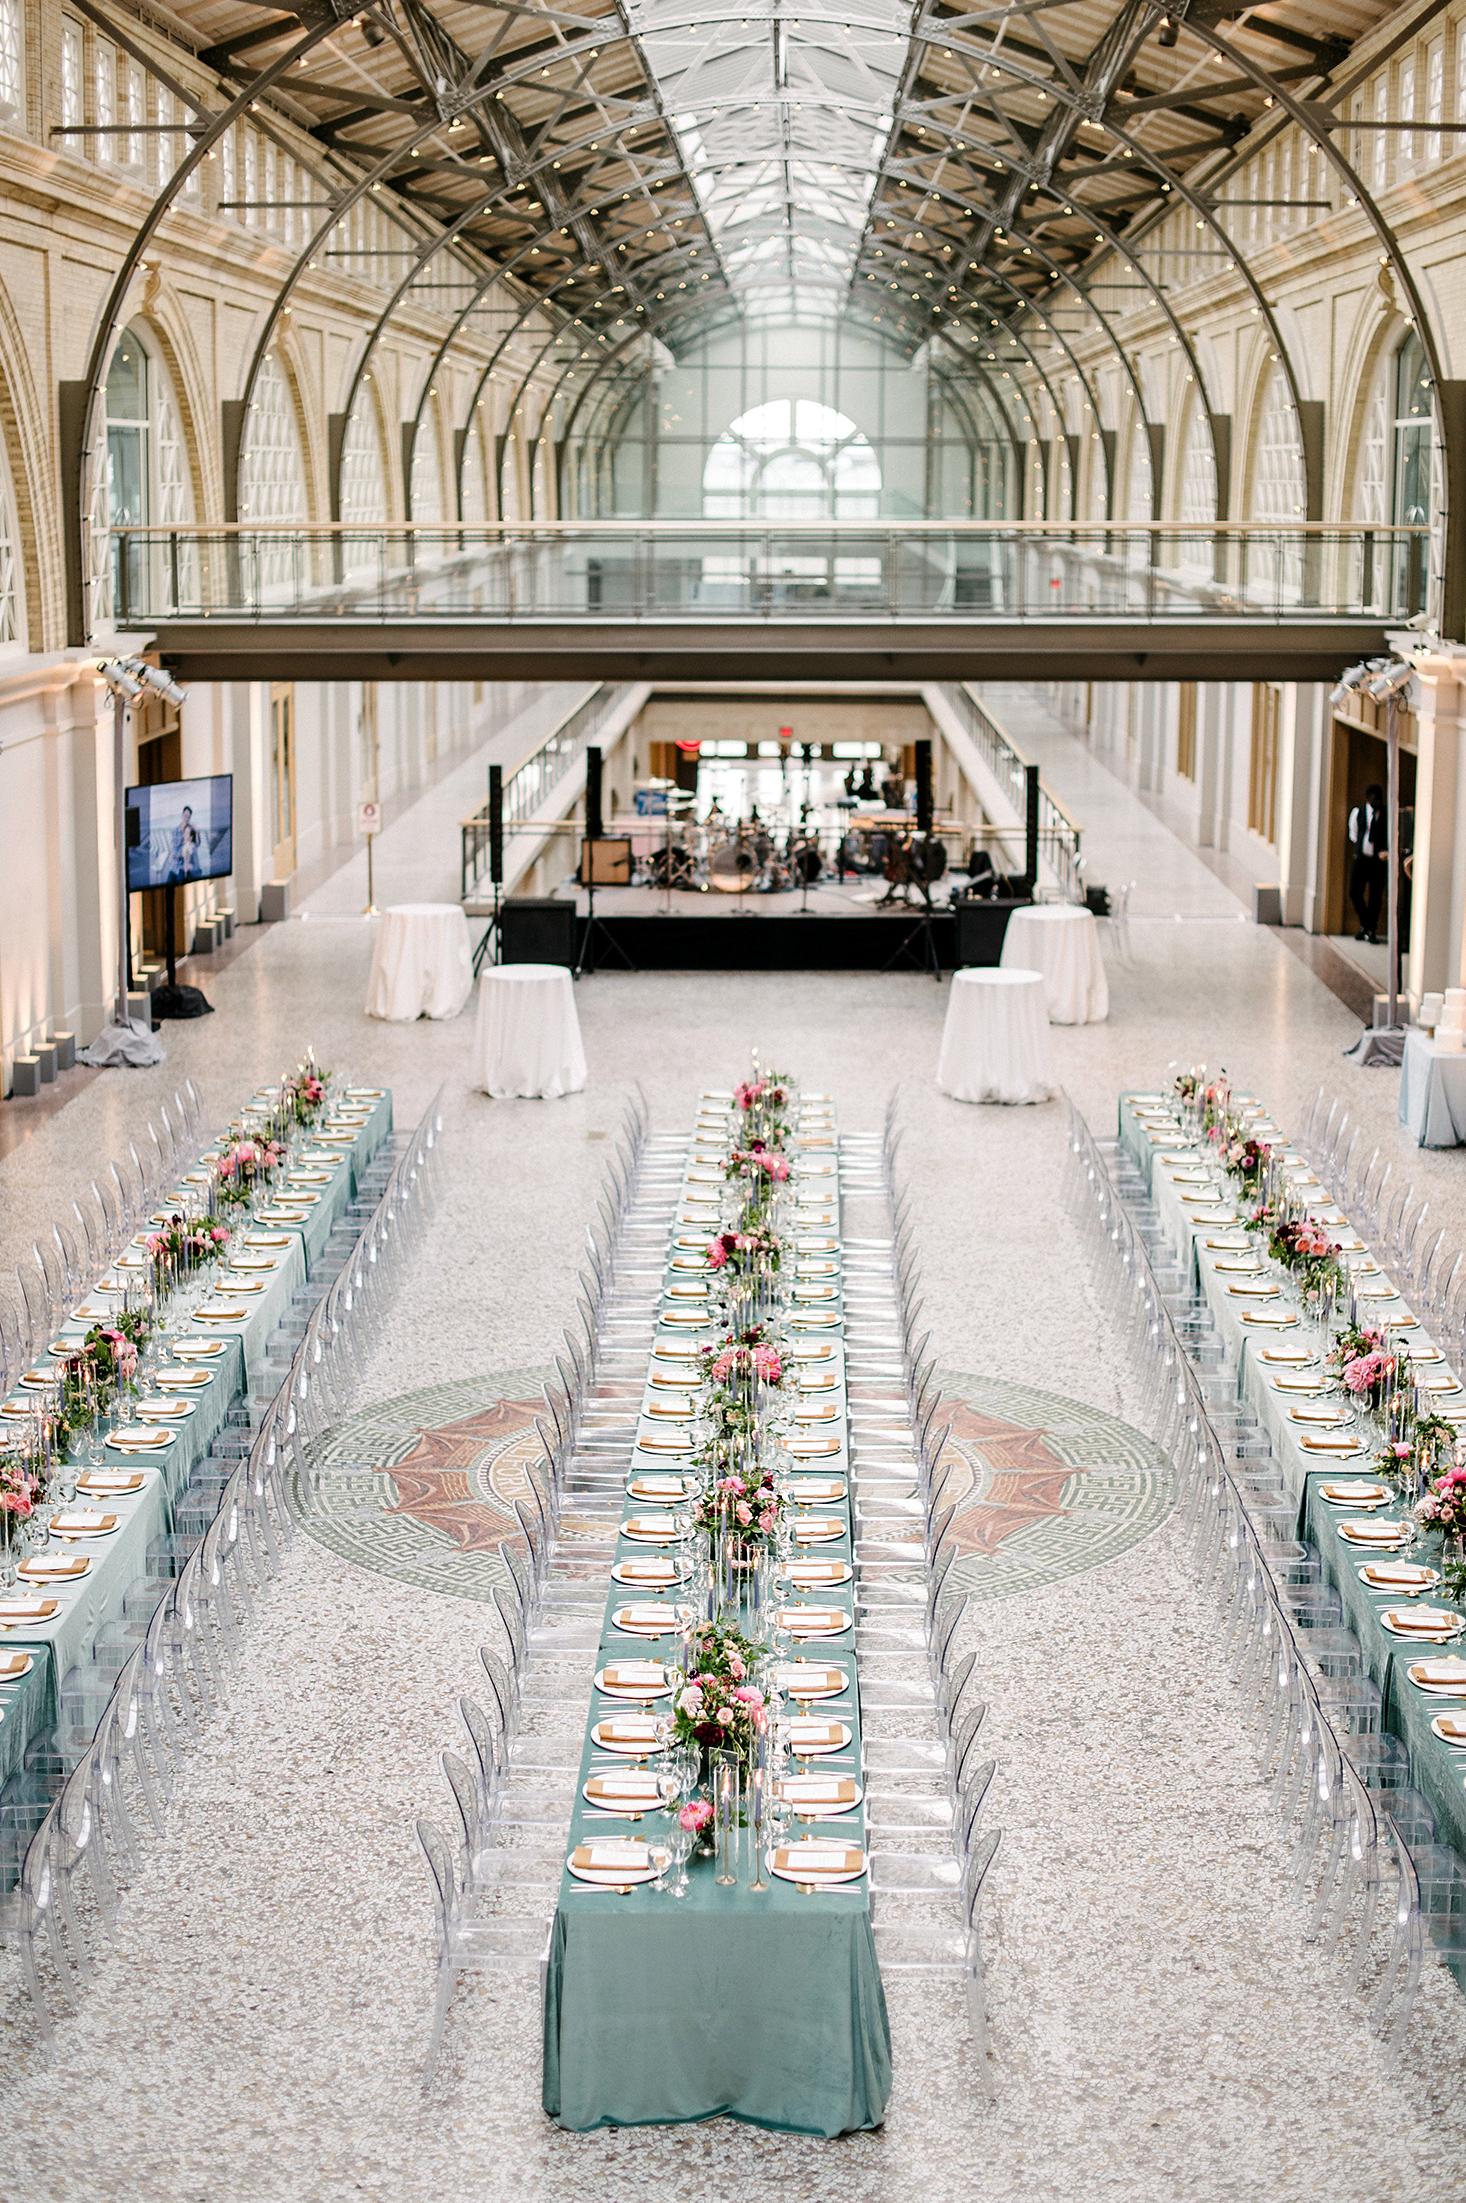 stephanie tim wedding reception banquet tables